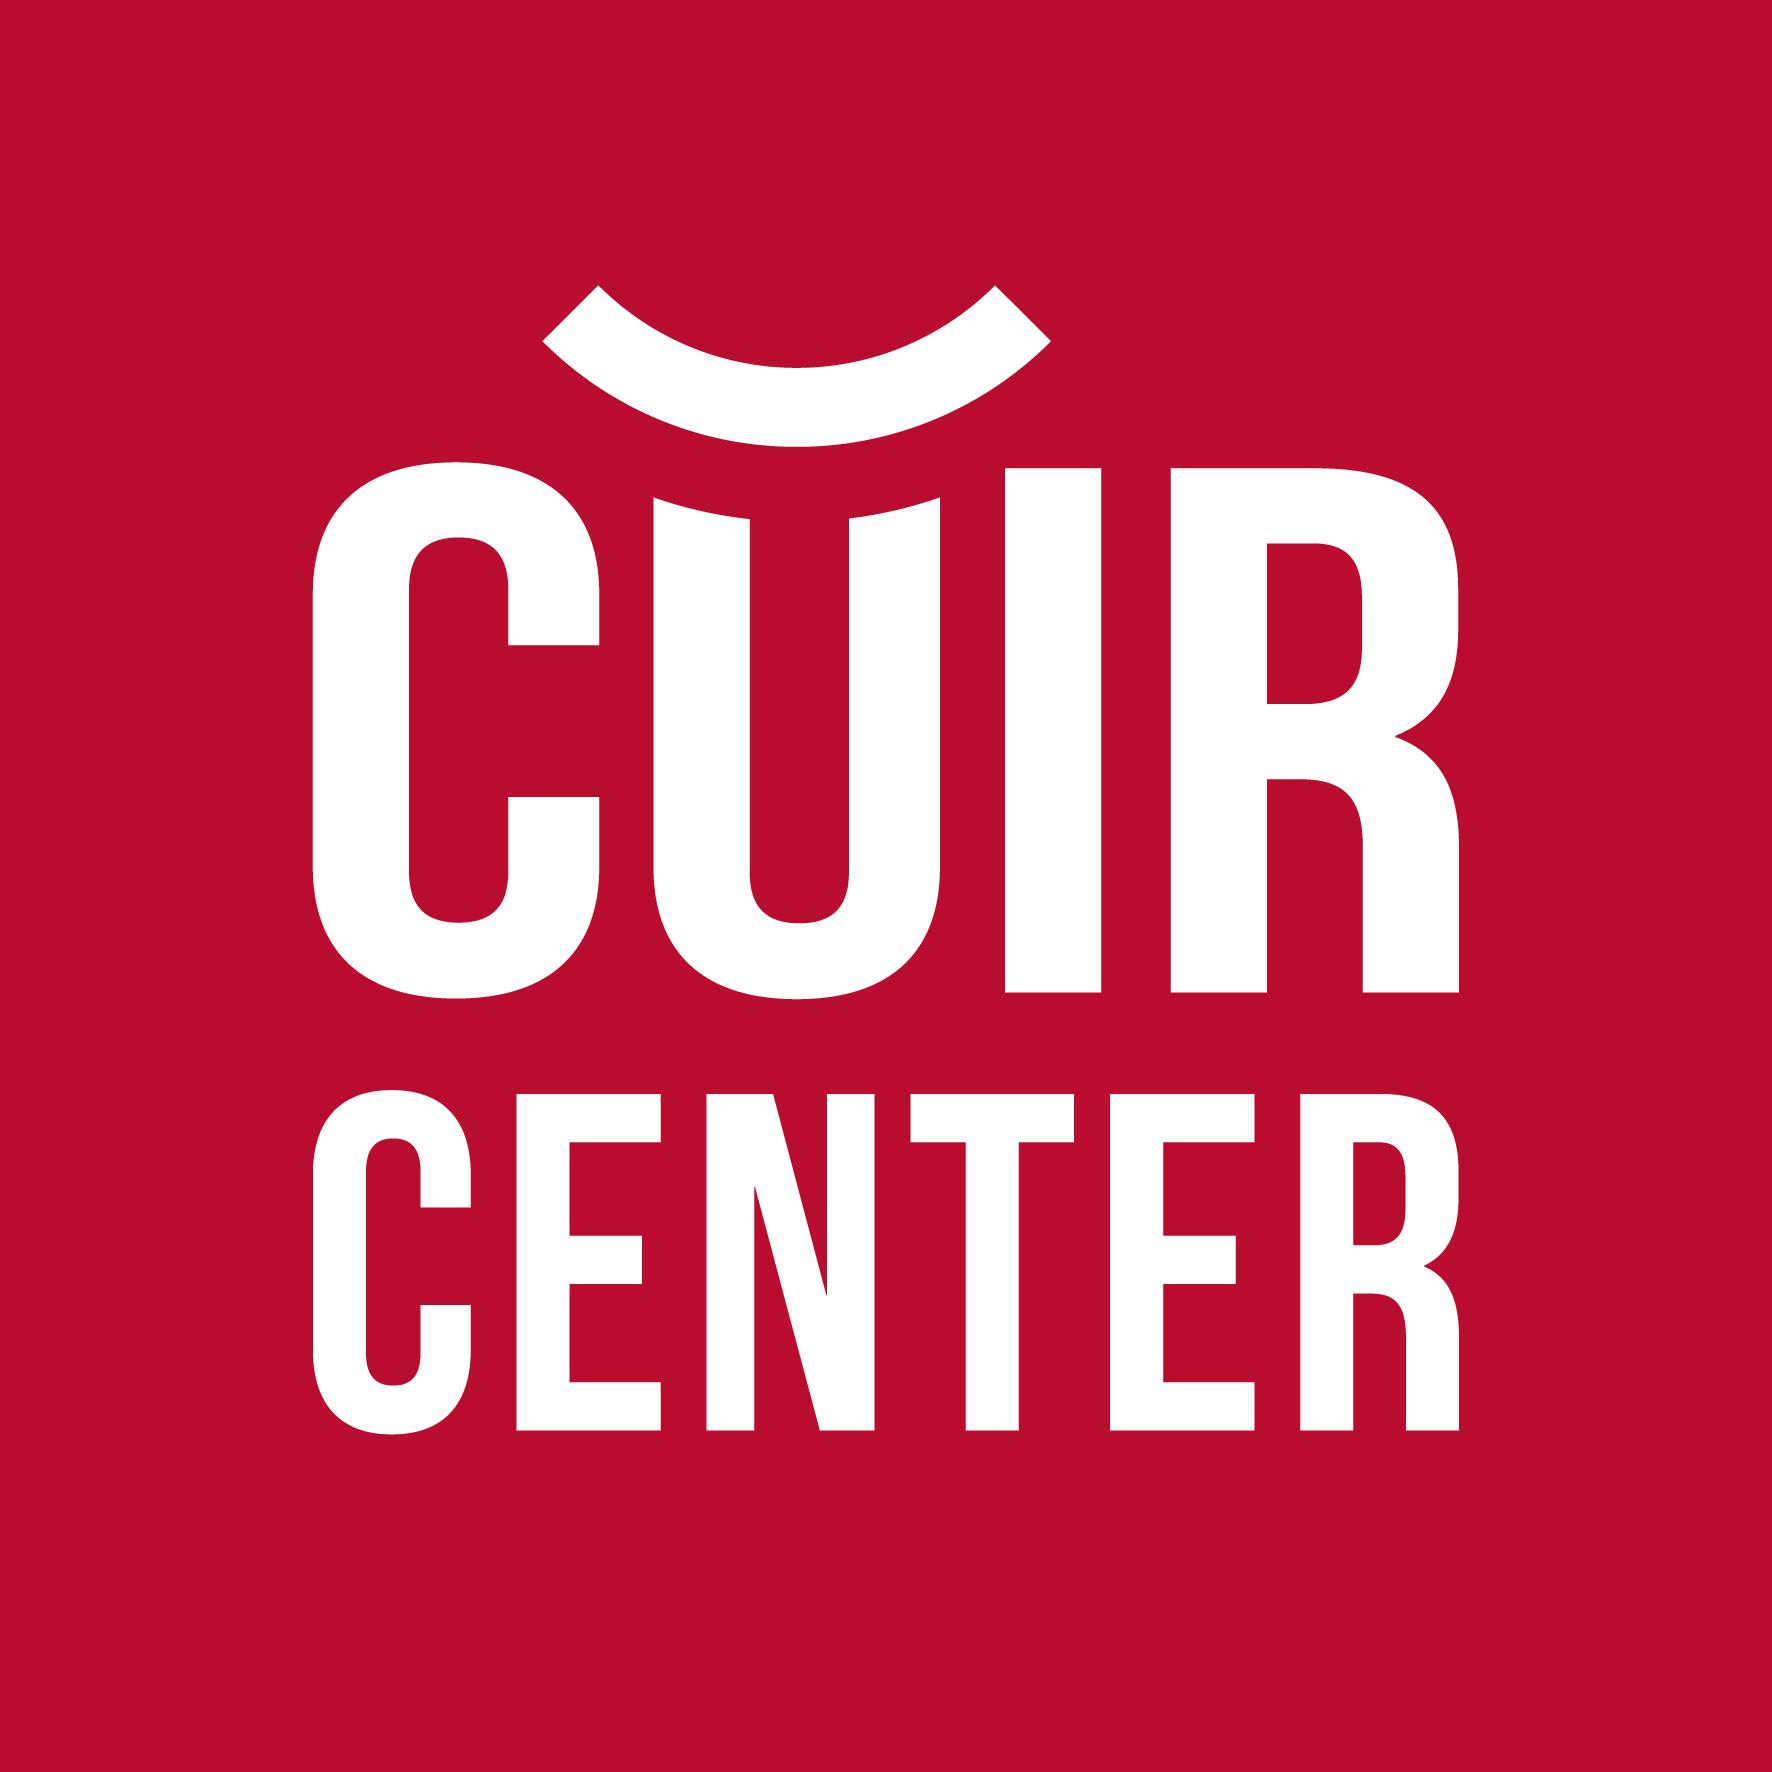 CuirCenter_logo_RVB